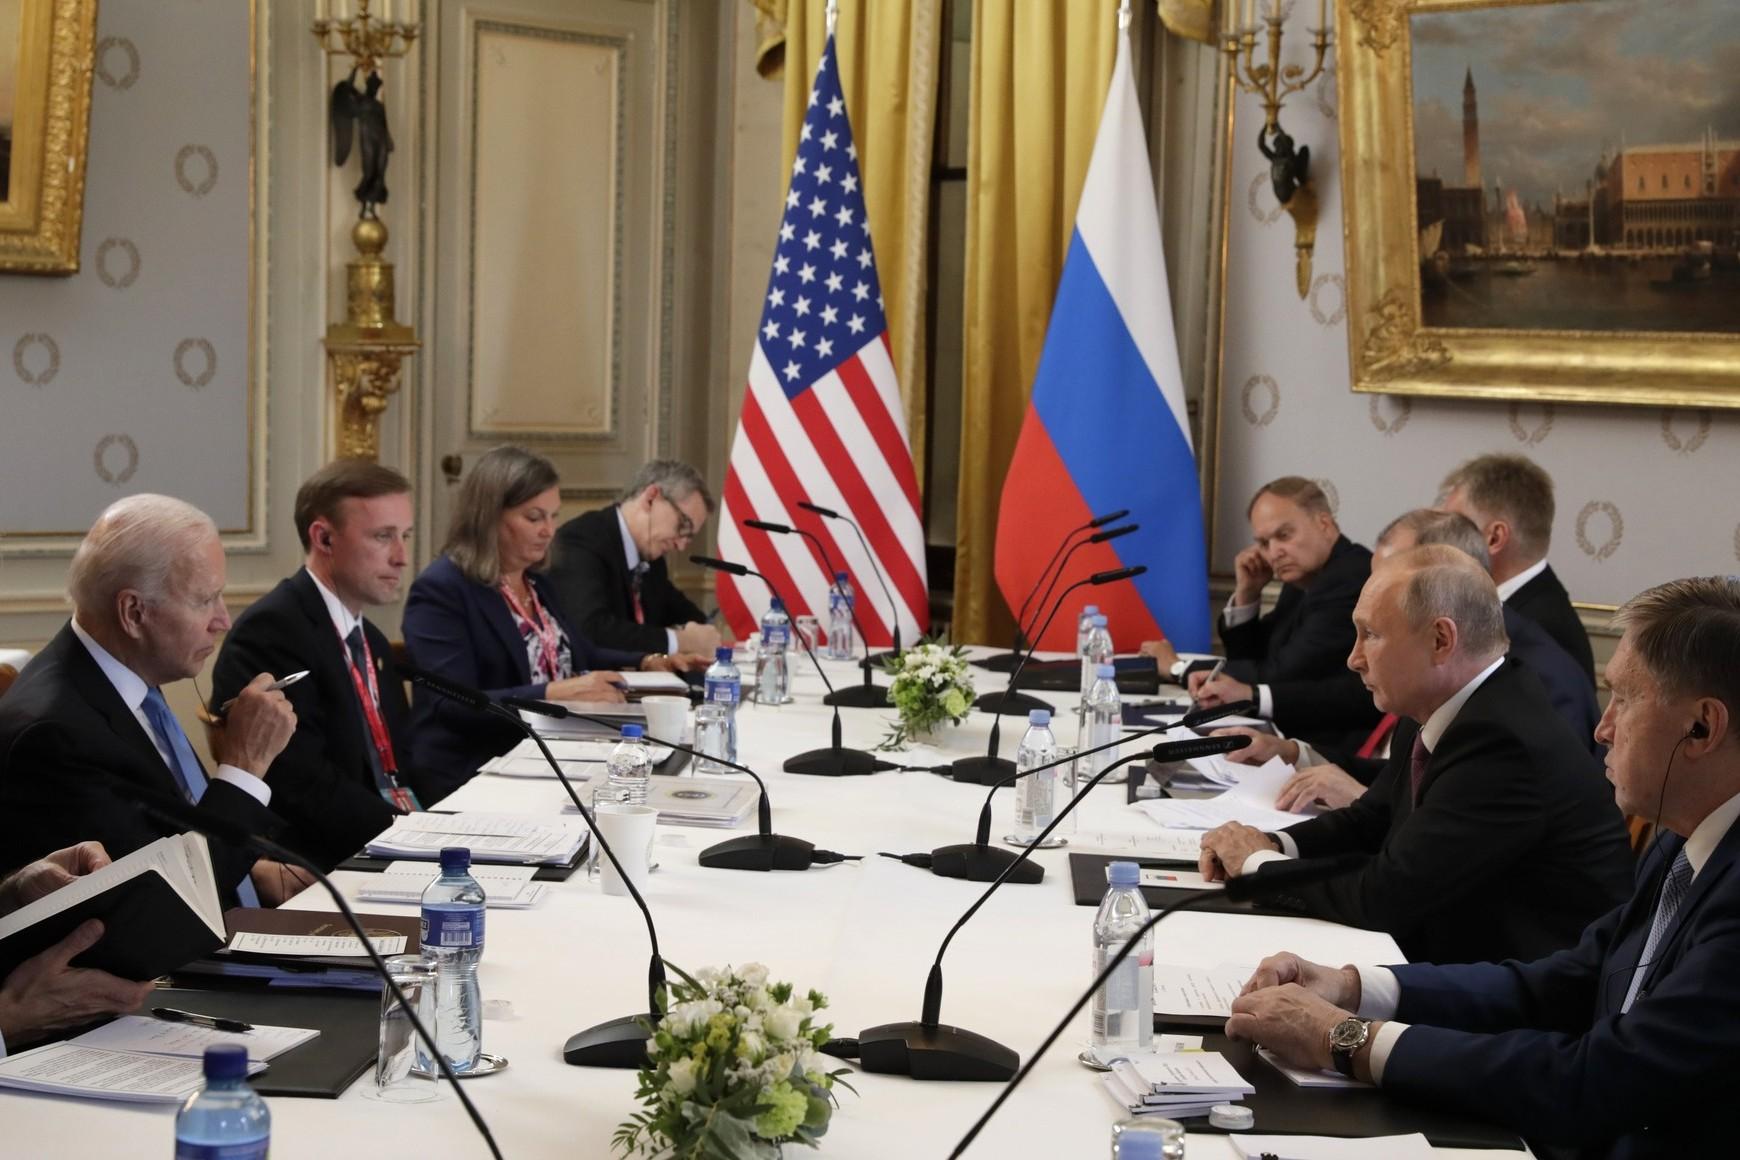 Američki predsednik Džo Bajden i ruski predsednik Vladimir Putin sa članovima svojih delegacija tokom sastanka, Ženeva, 16. jun 2021. (Foto: TASS/kremlin.ru)